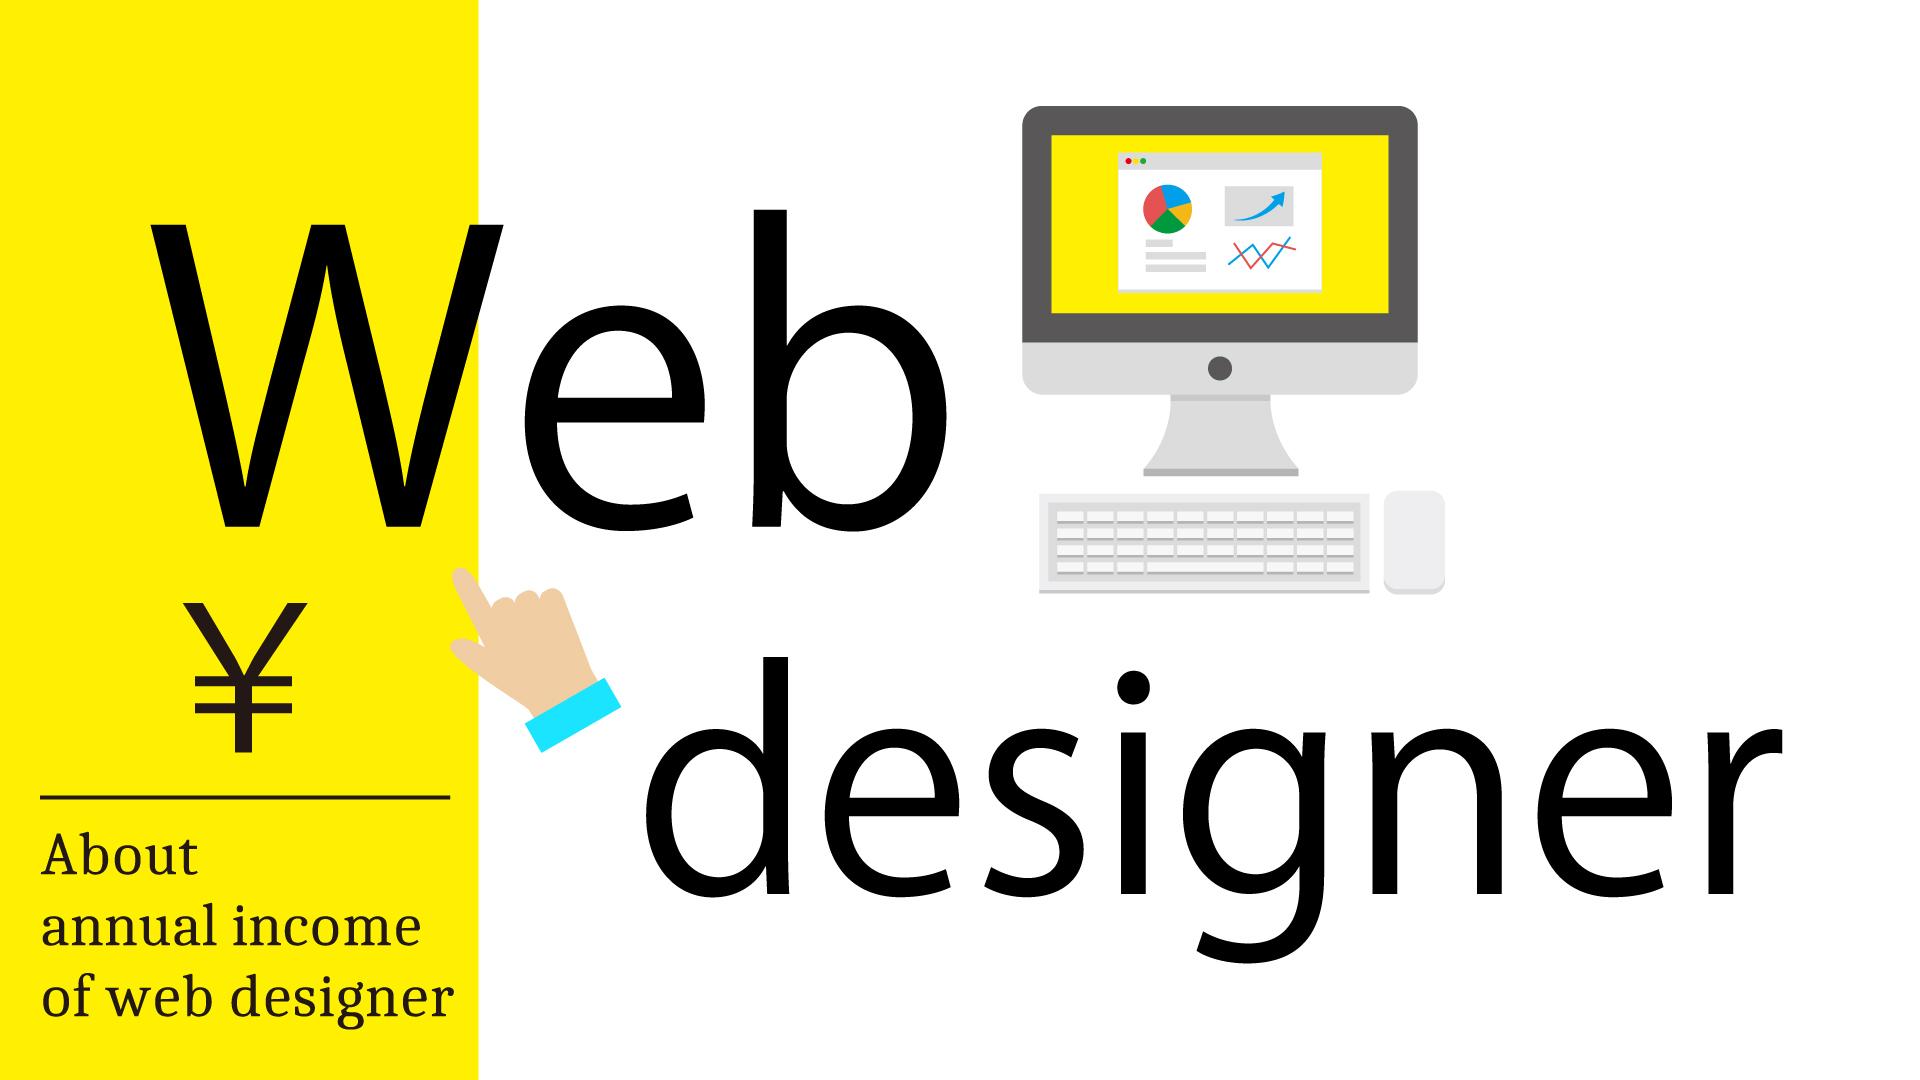 相場はいくら?Webデザイナーの時給と年収【雇用形態別】 | ビジネス部デザイン課